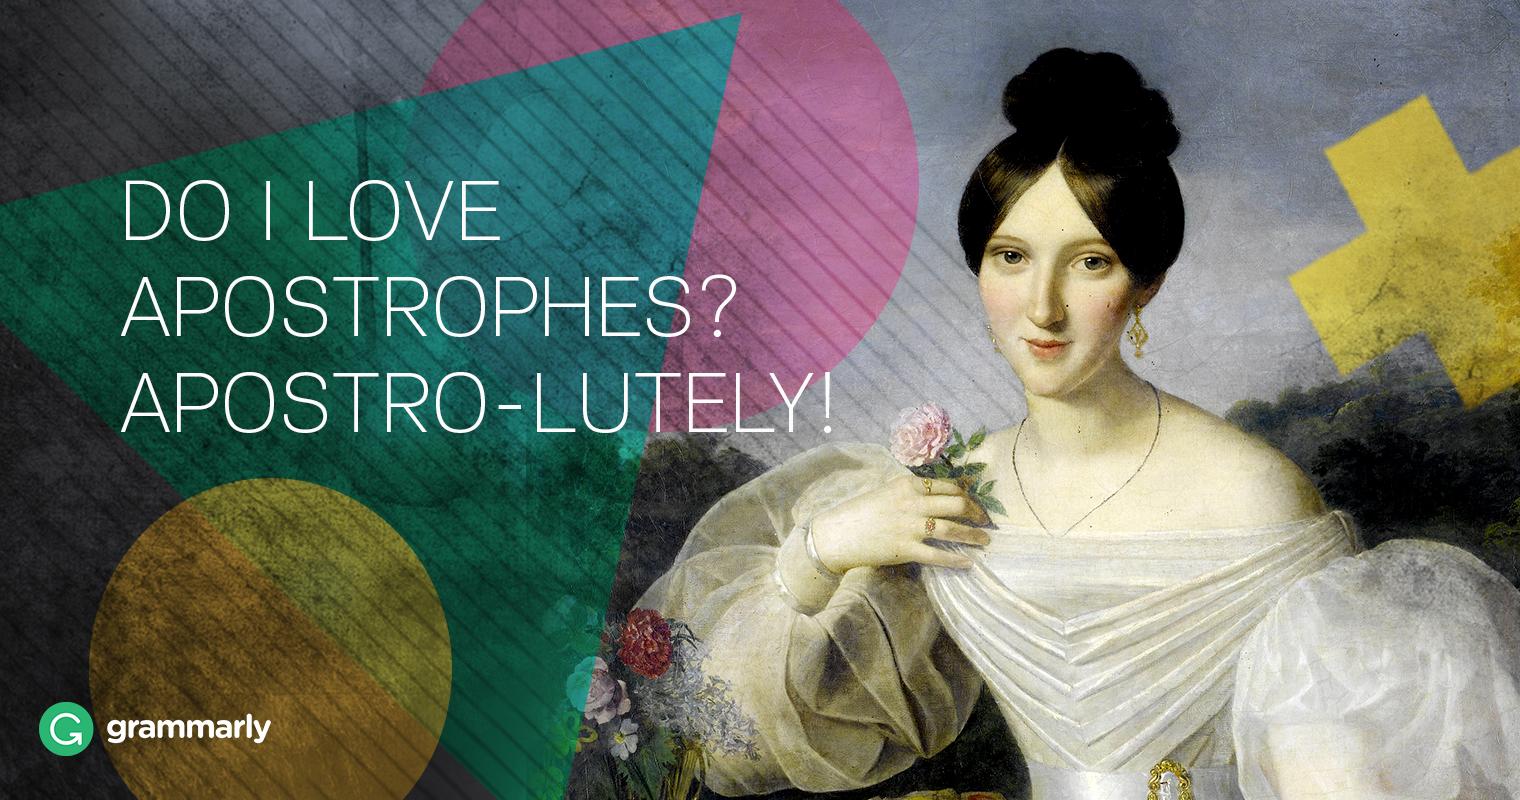 Apostrophes Love image